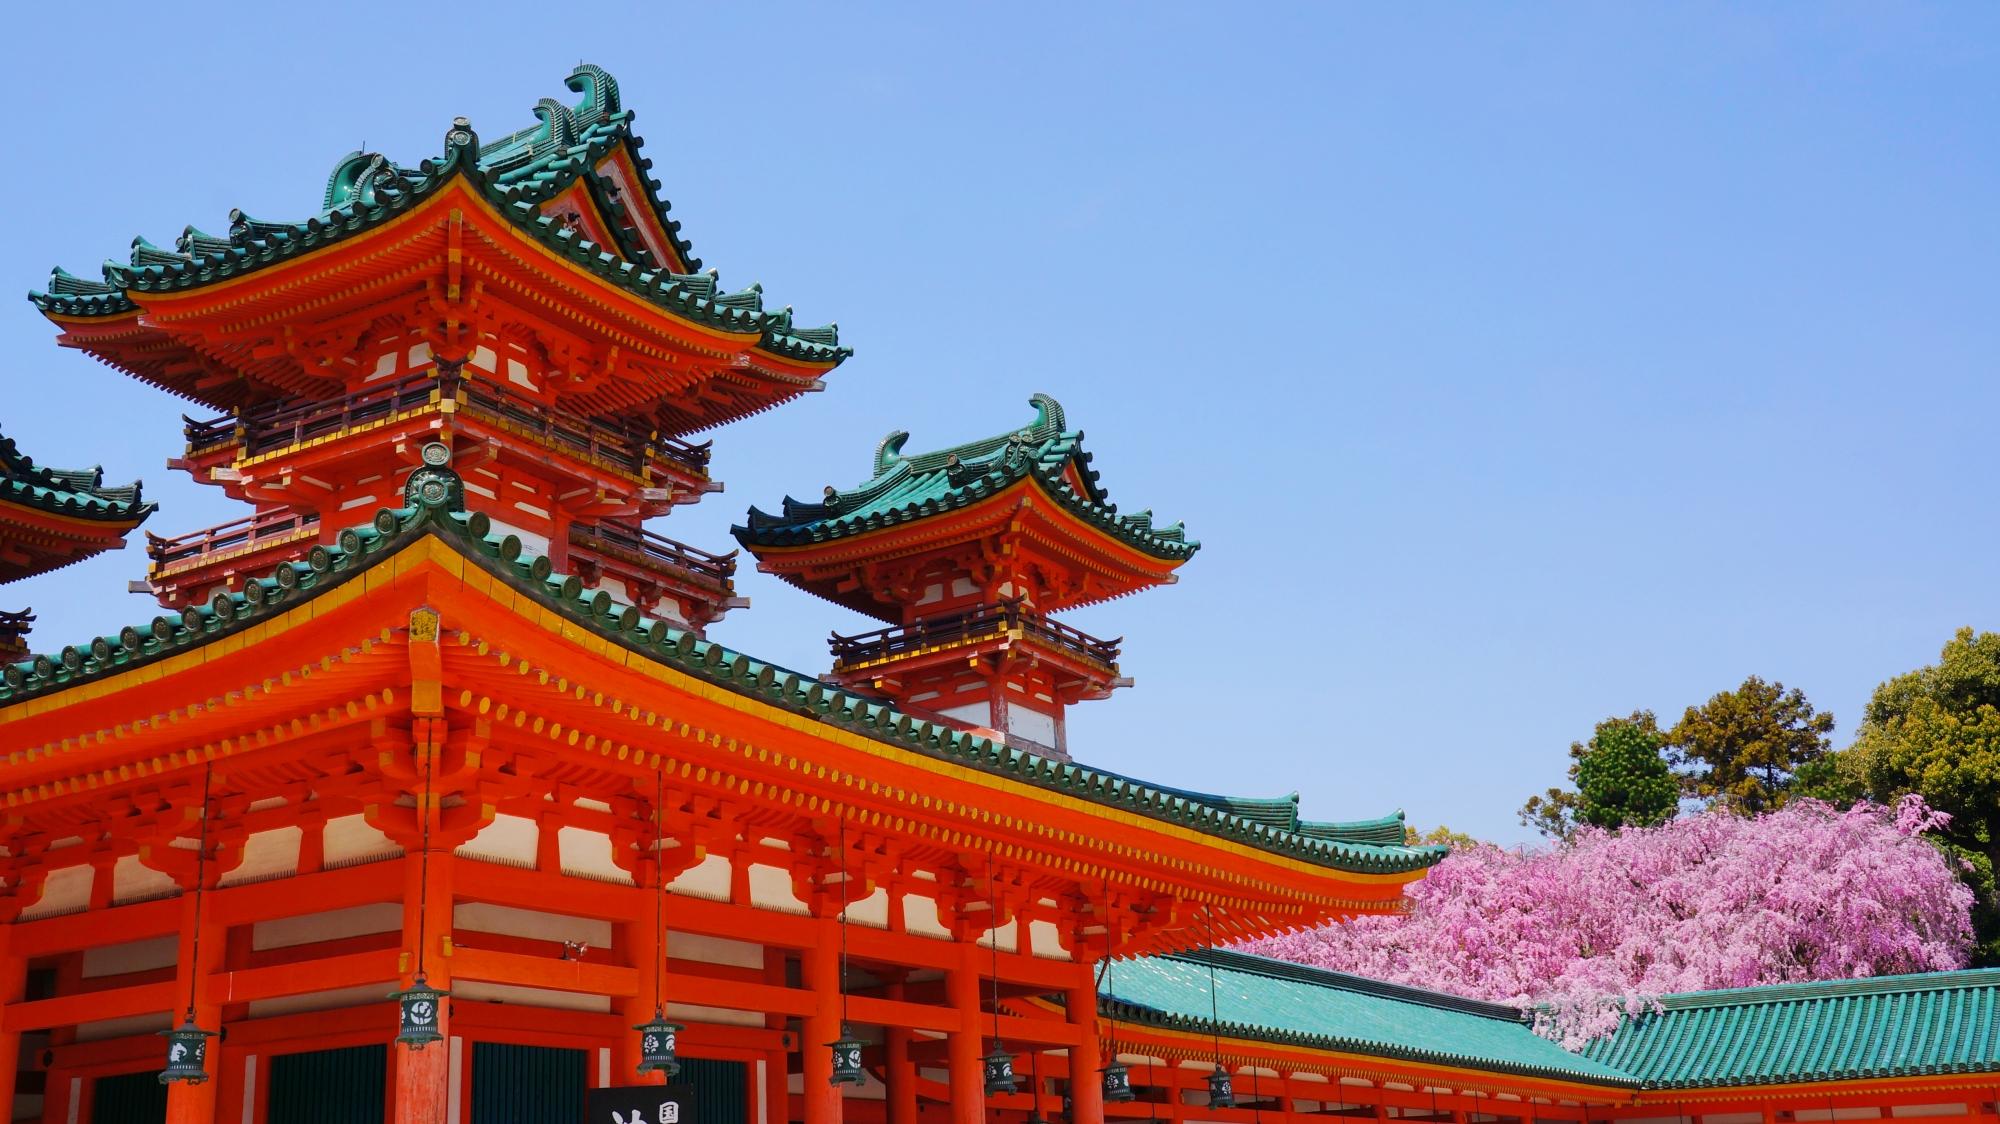 雅な色合いの楼閣に降り注ぐ華やかな桜